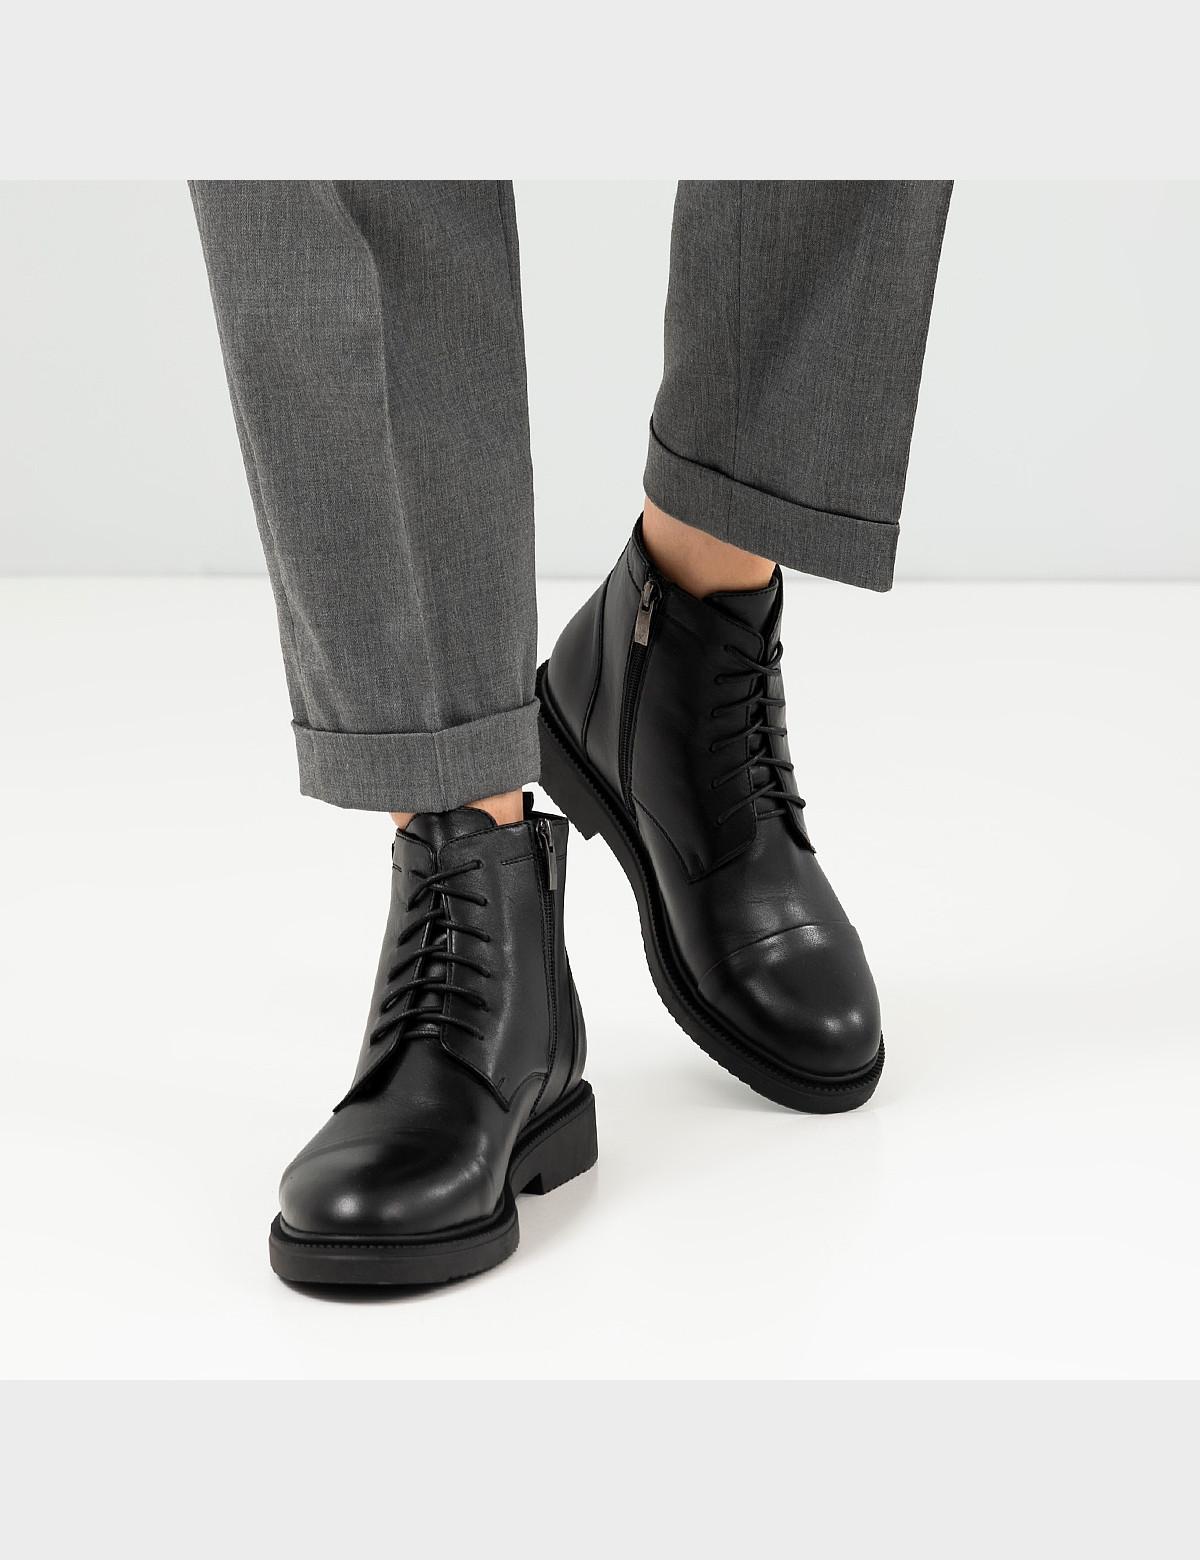 Ботинки черные, натуральная кожа. Шерсть 6